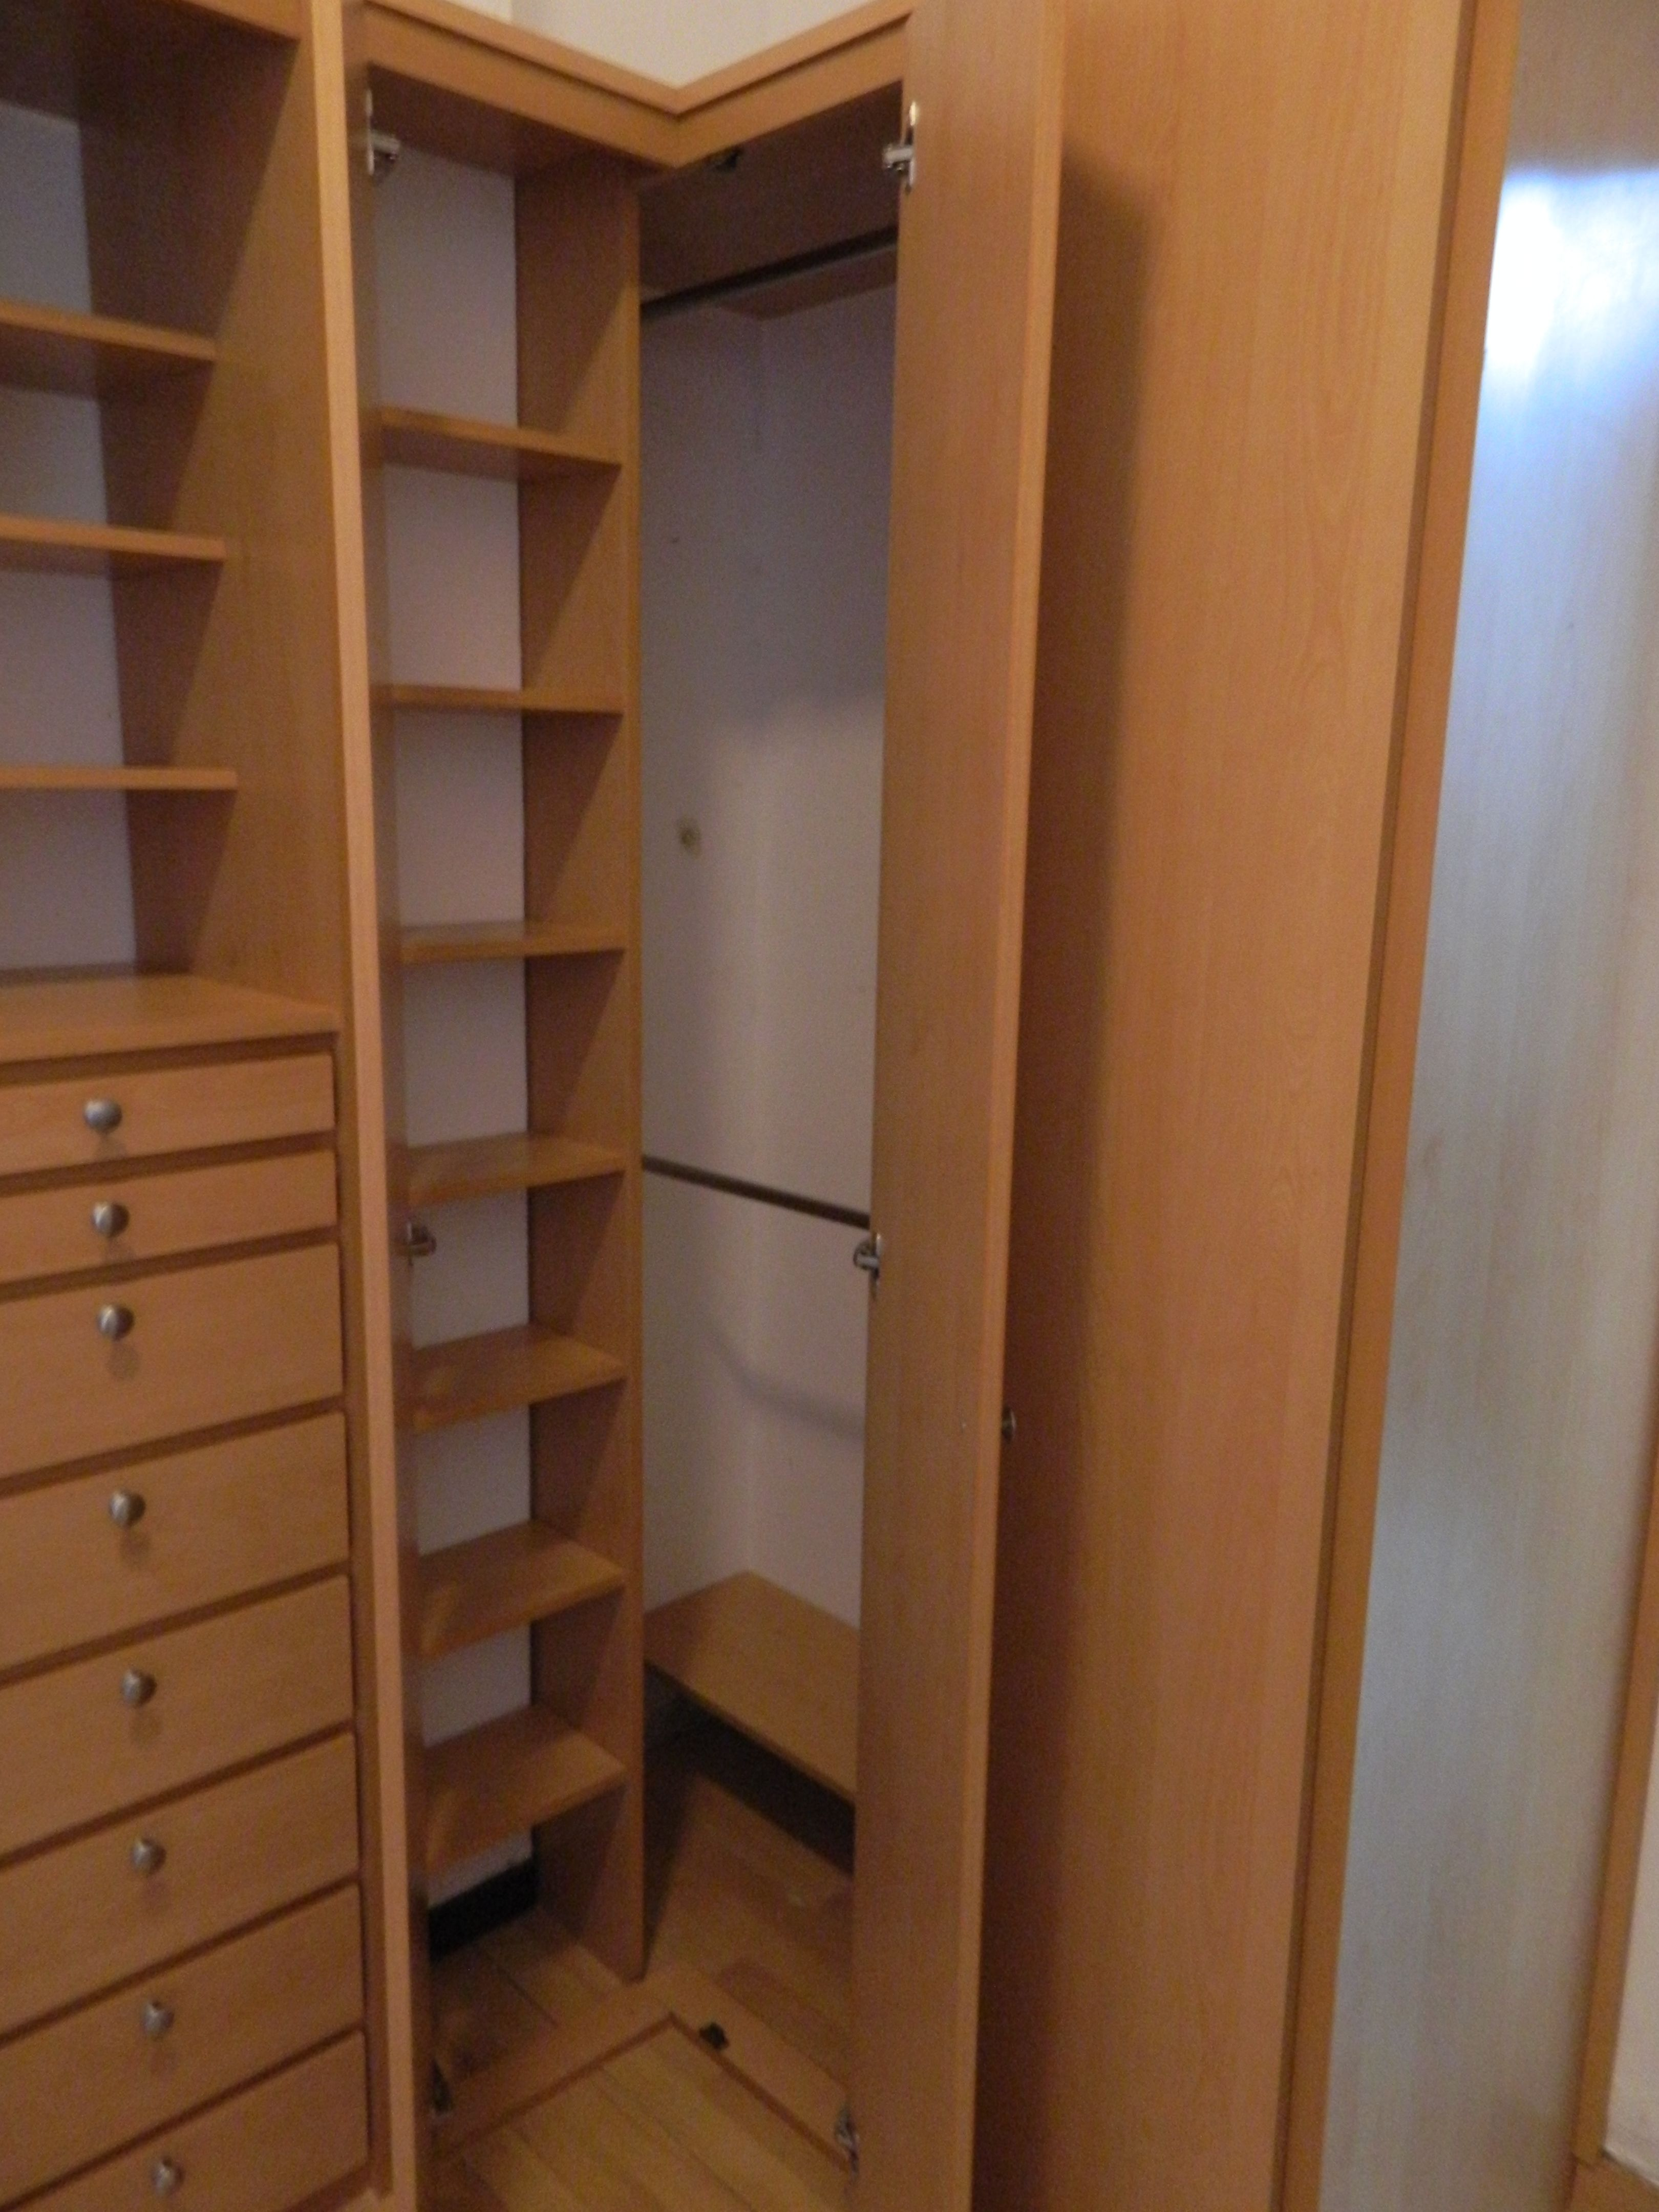 Closet en esquina closets pinterest esquina armario - Armario de esquina ...